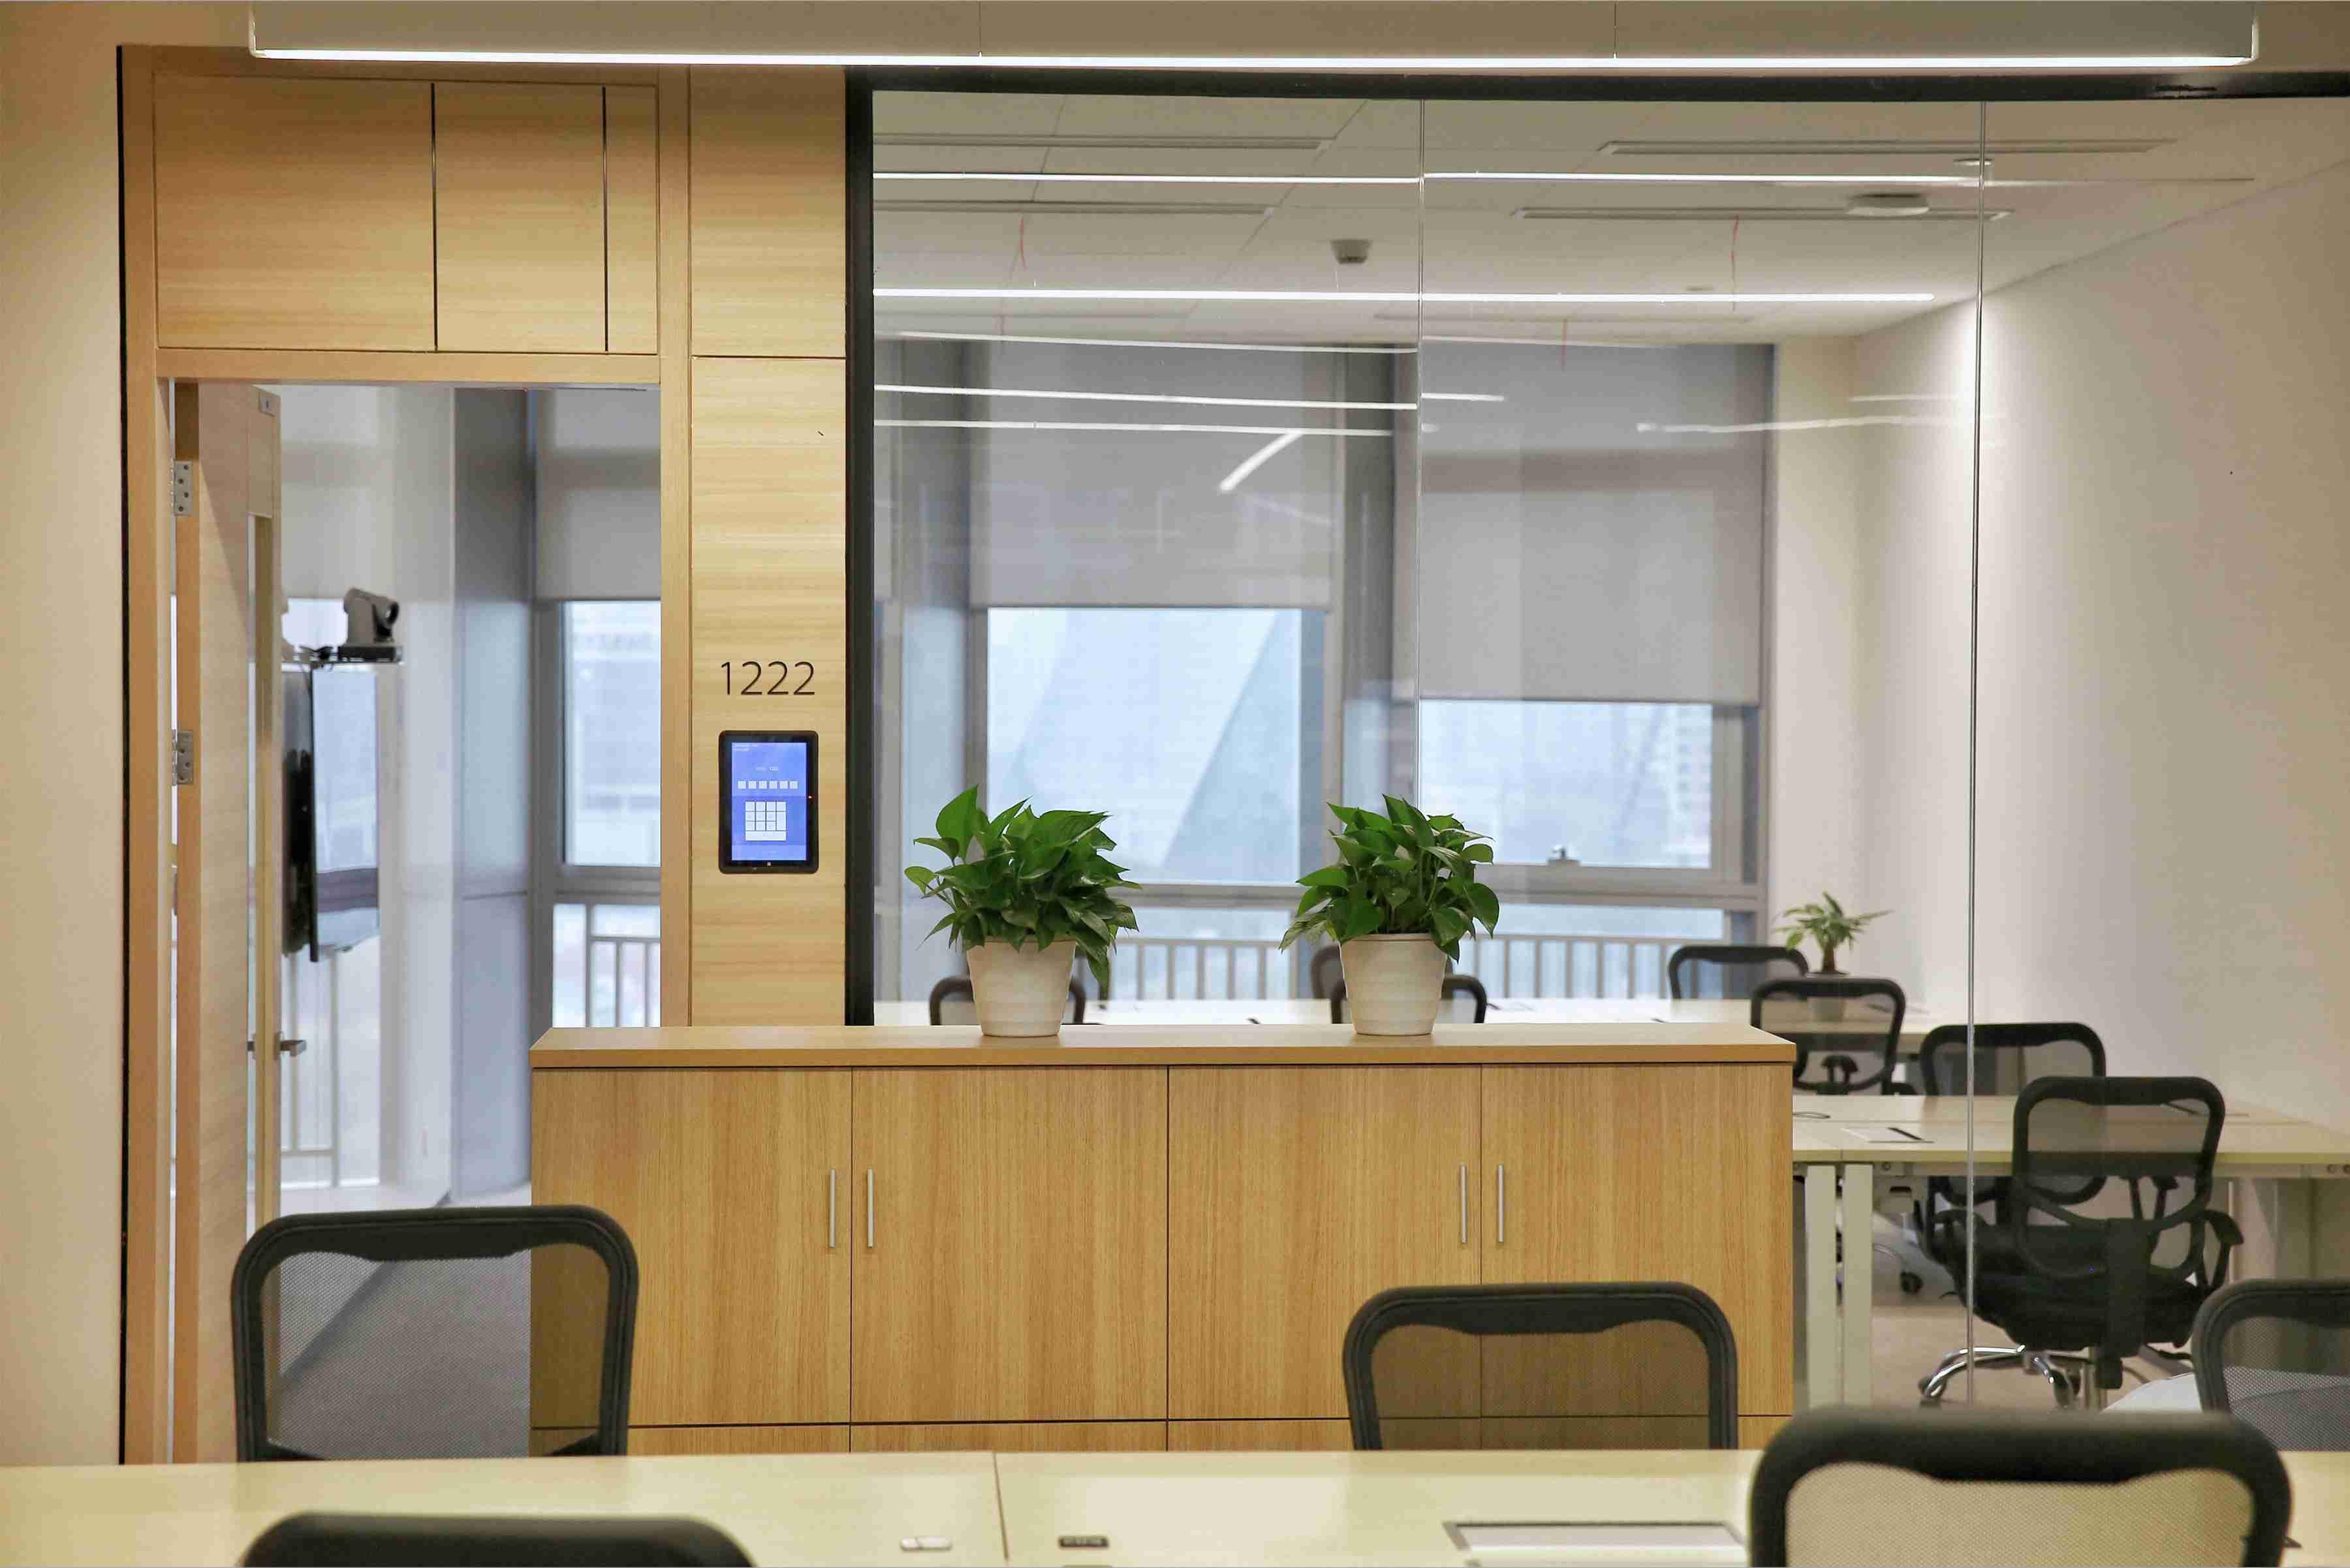 办公室装修中玻璃设计墙面成为了最时尚的话题